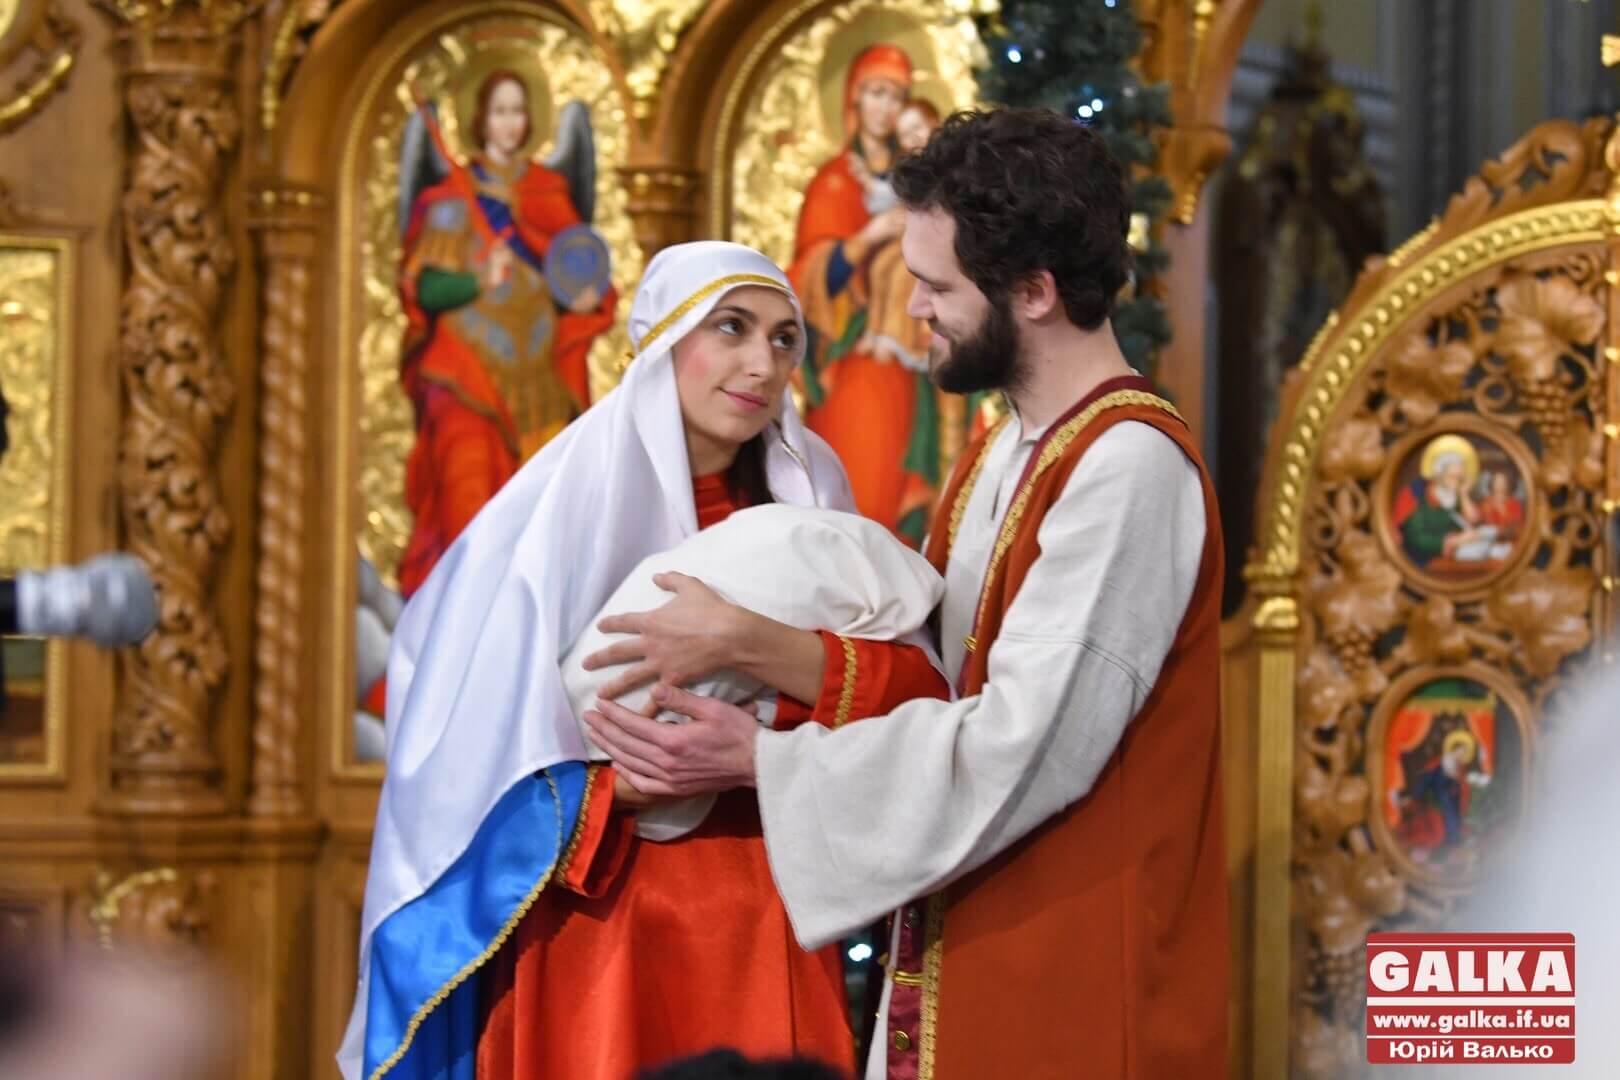 В Івано-Франківську урочисто відкрили фестиваль «Коляда на Майзлях» (ФОТО, ВІДЕО)